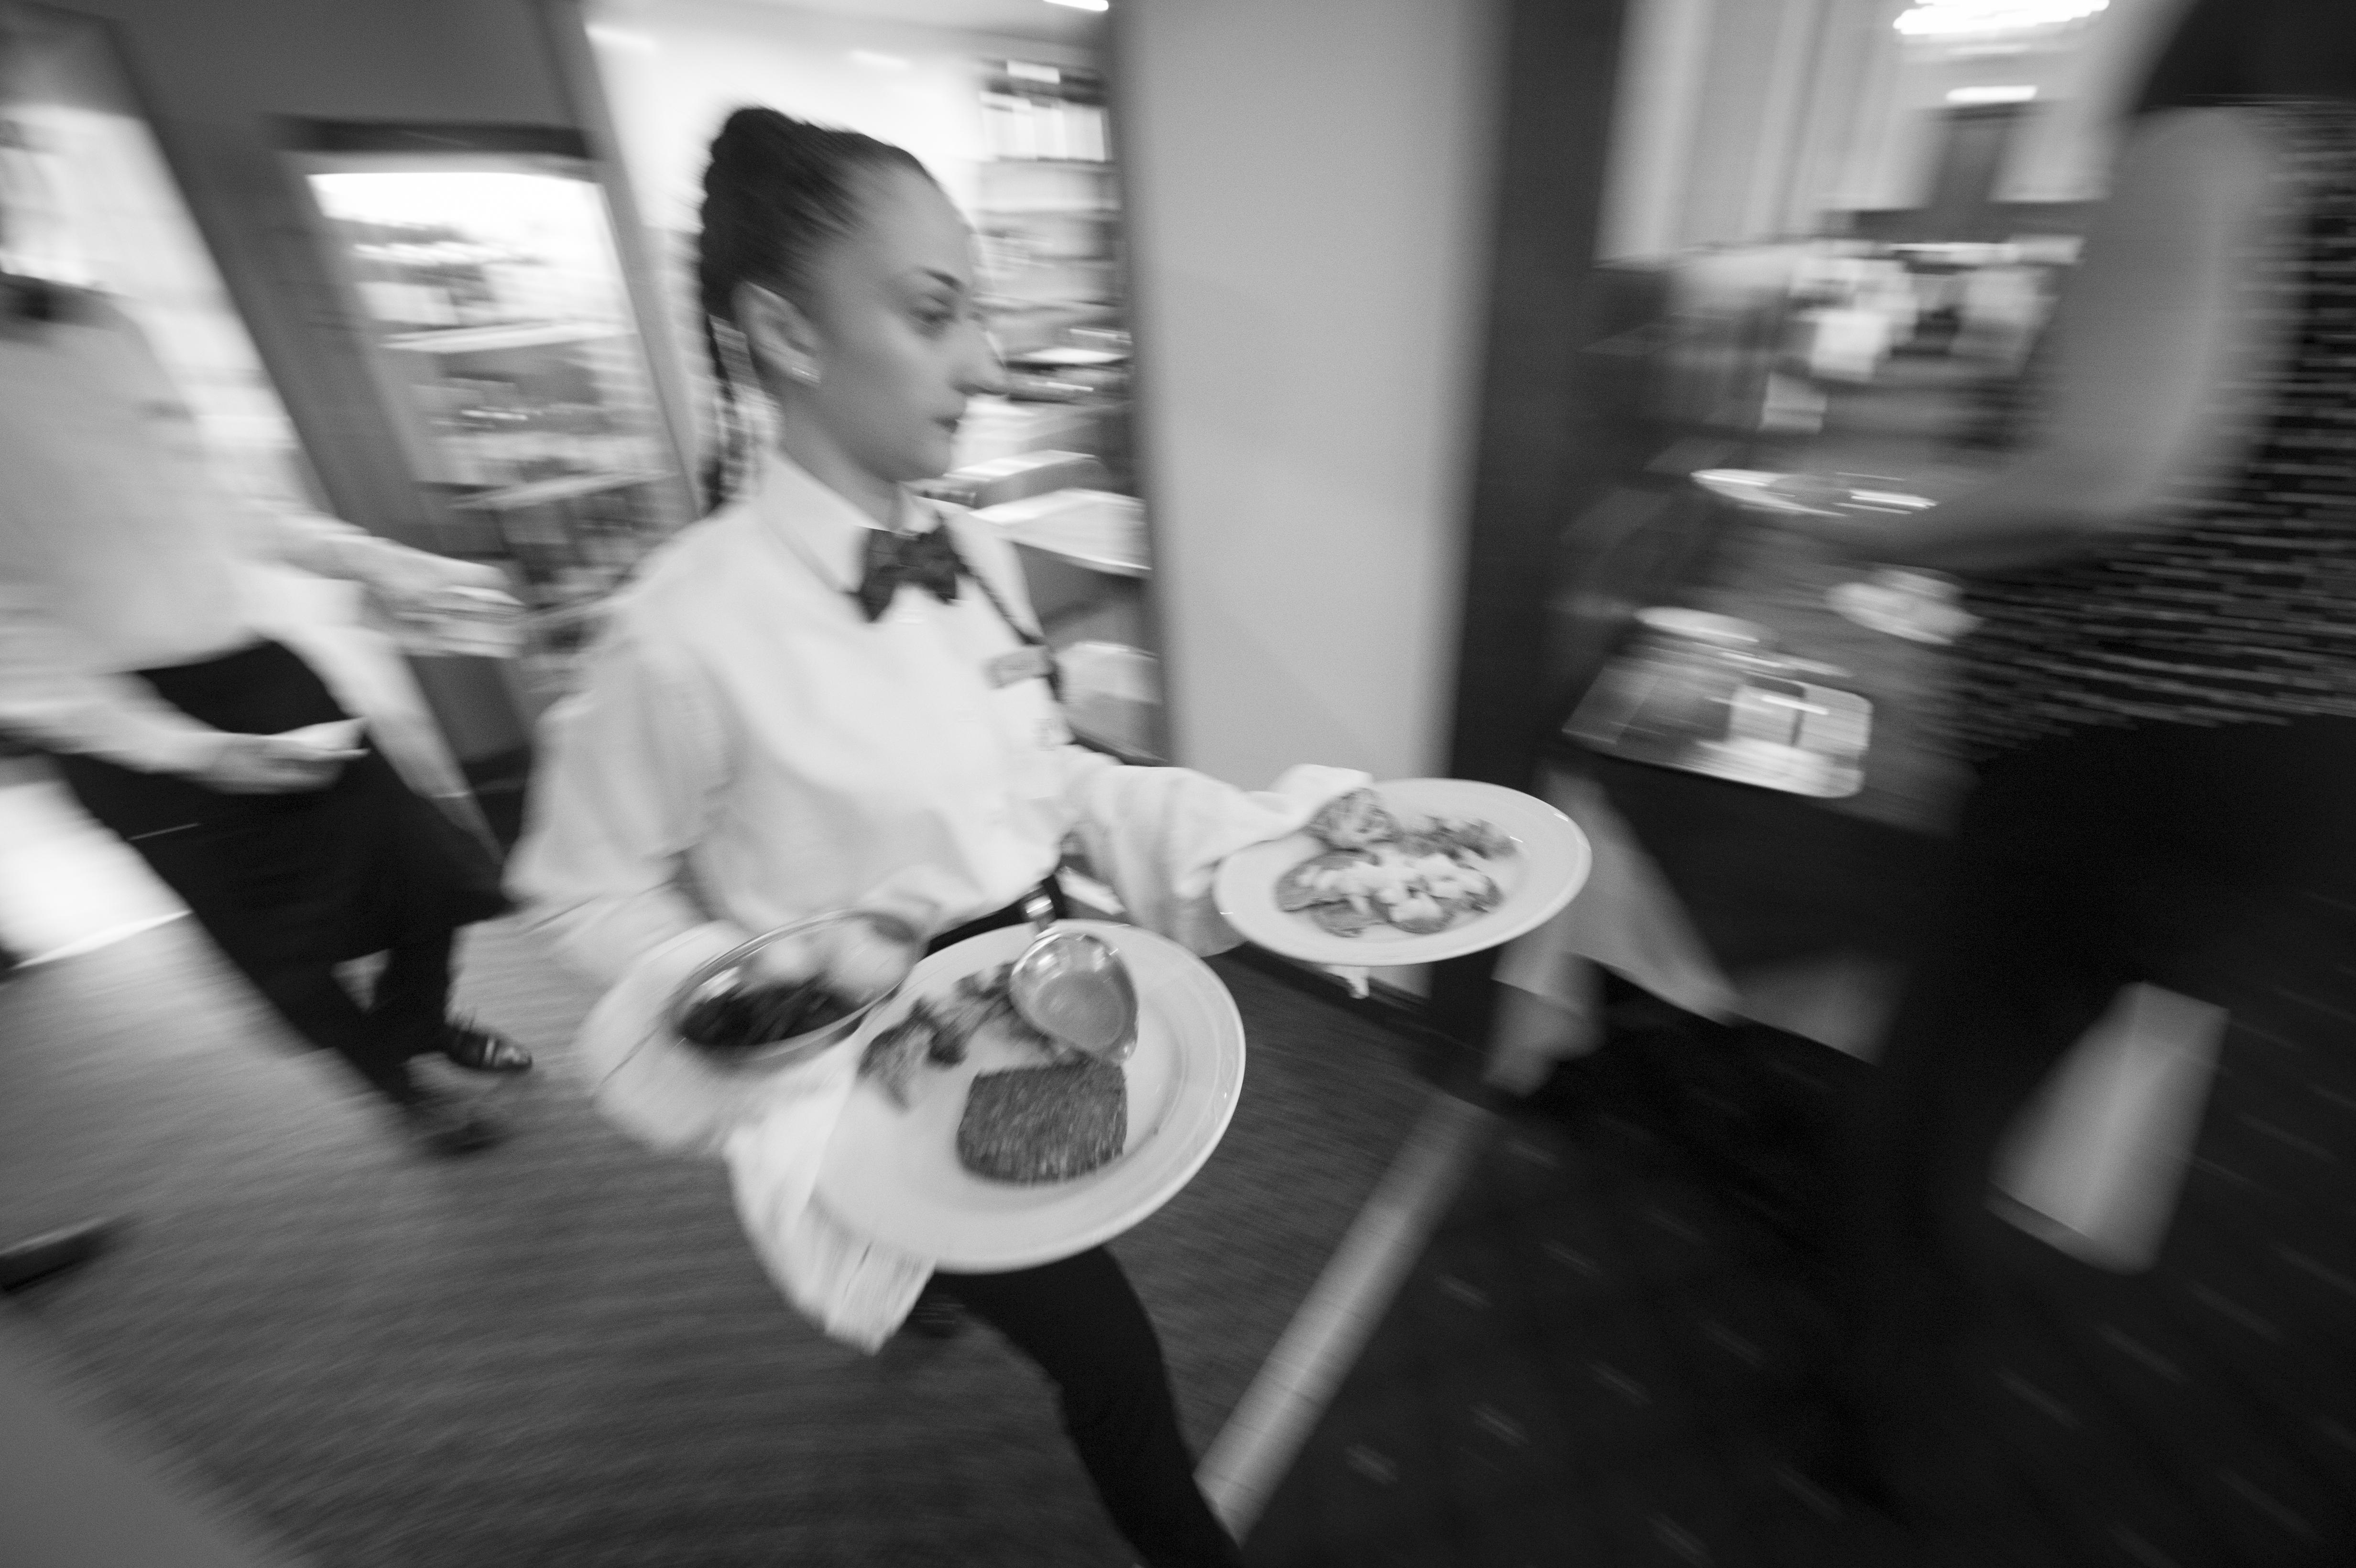 Highland Hotel waitress